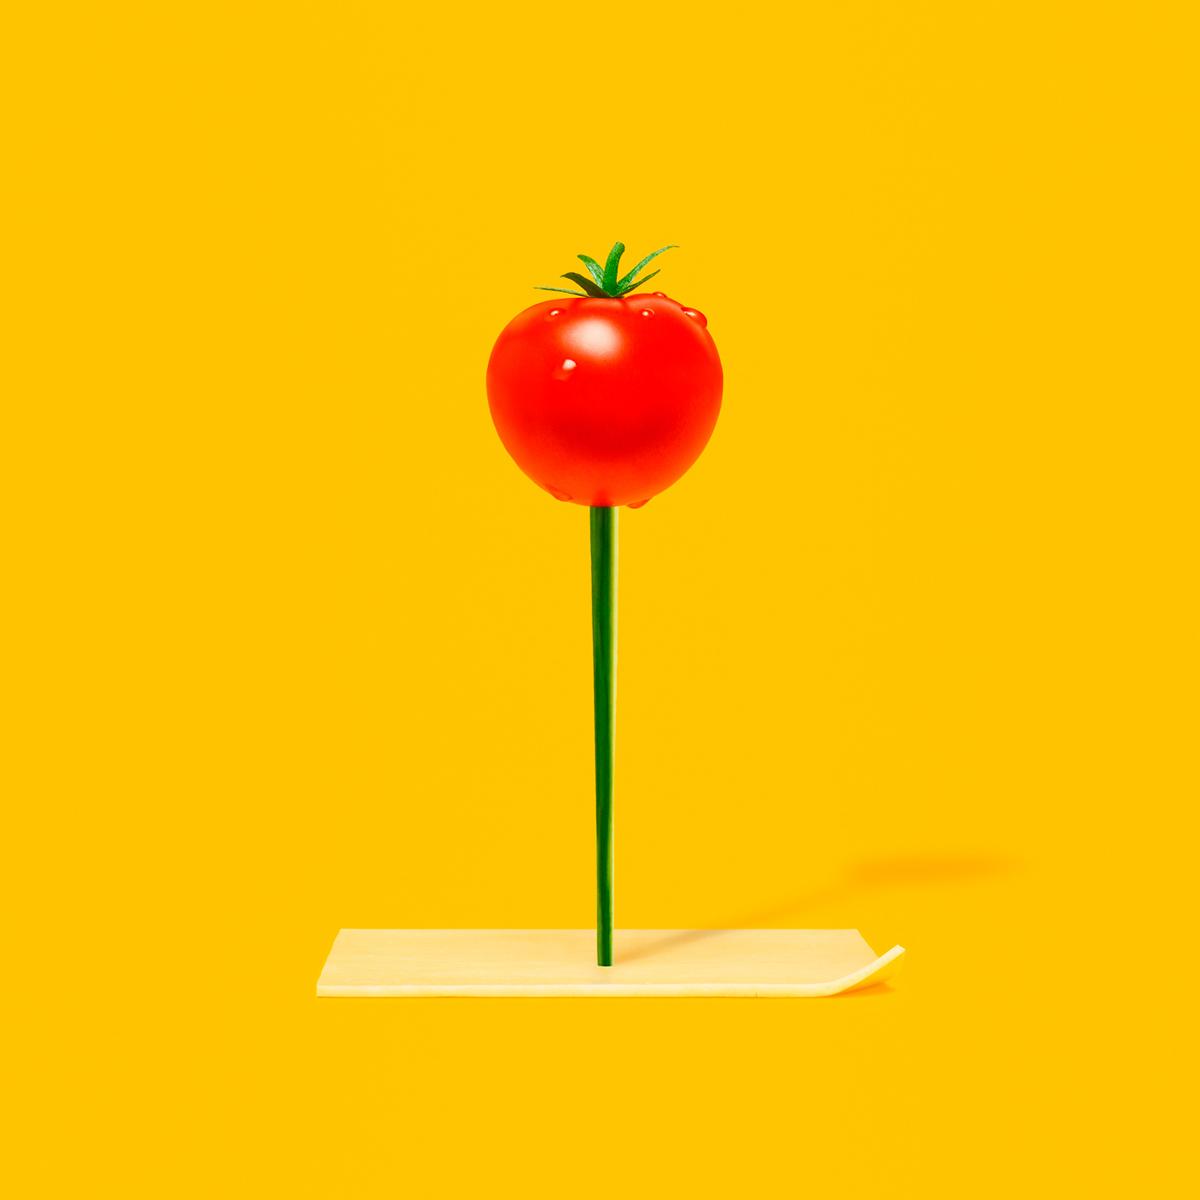 Subway赛百味小番茄